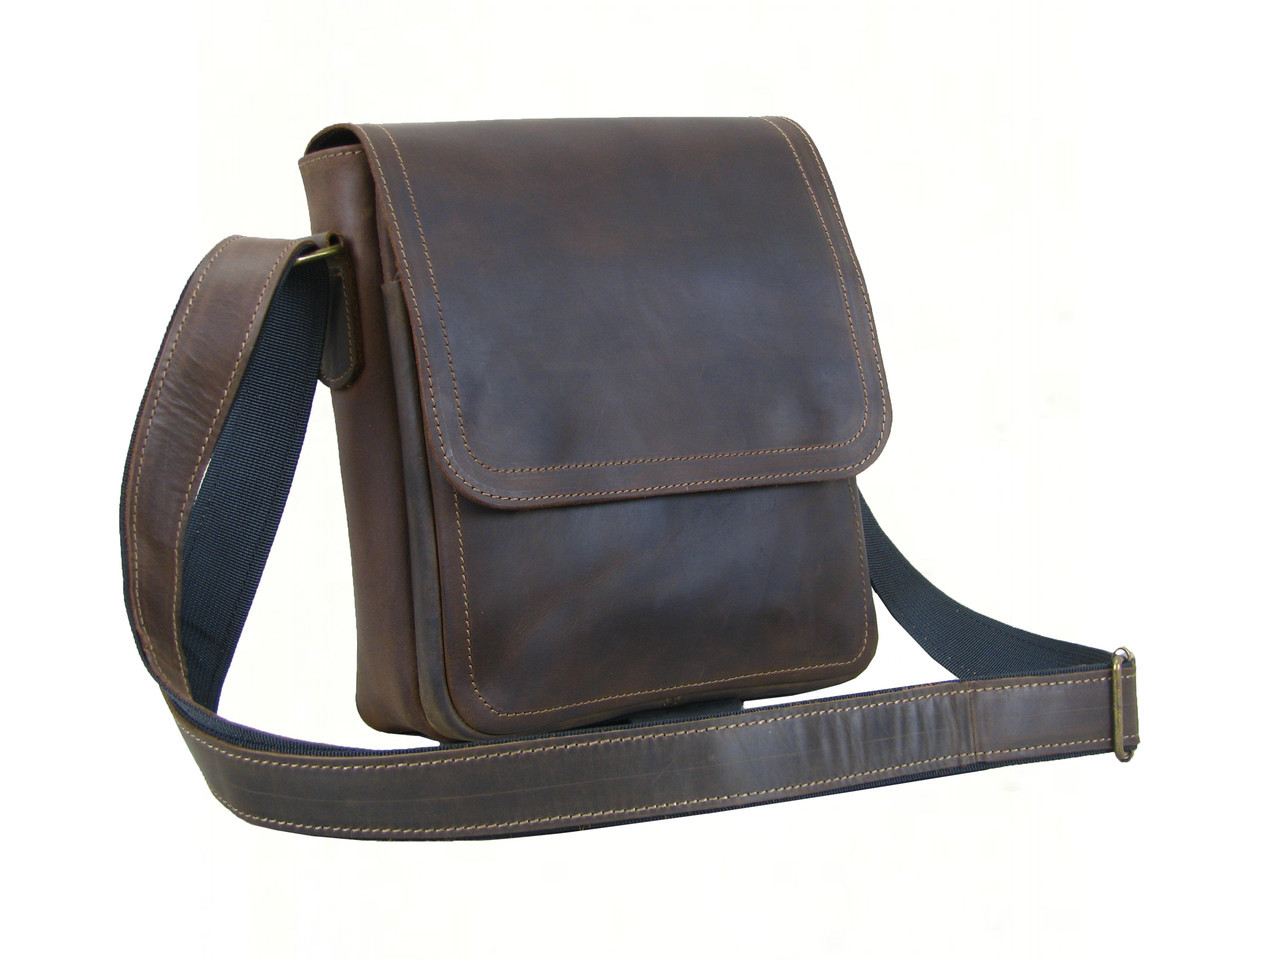 Мужская кожаная сумка  GS c декоративной строчкой  коричневая